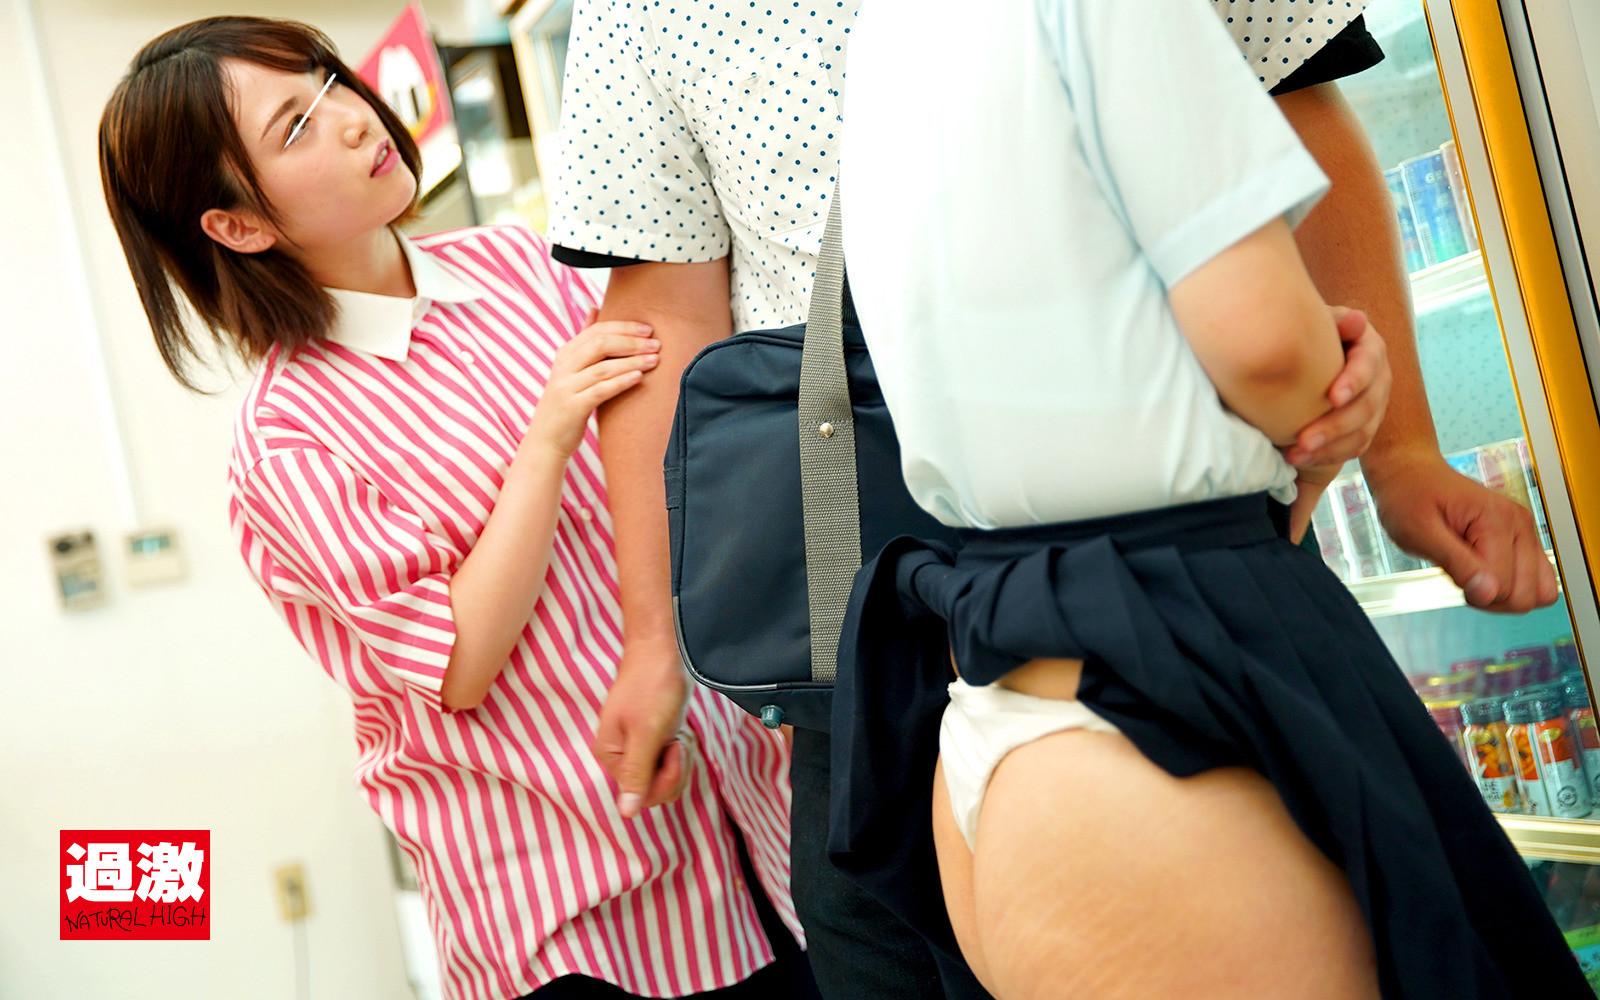 痴漢を邪魔する正義感女子大生にイっても止めない追い打ちイカセ 画像2